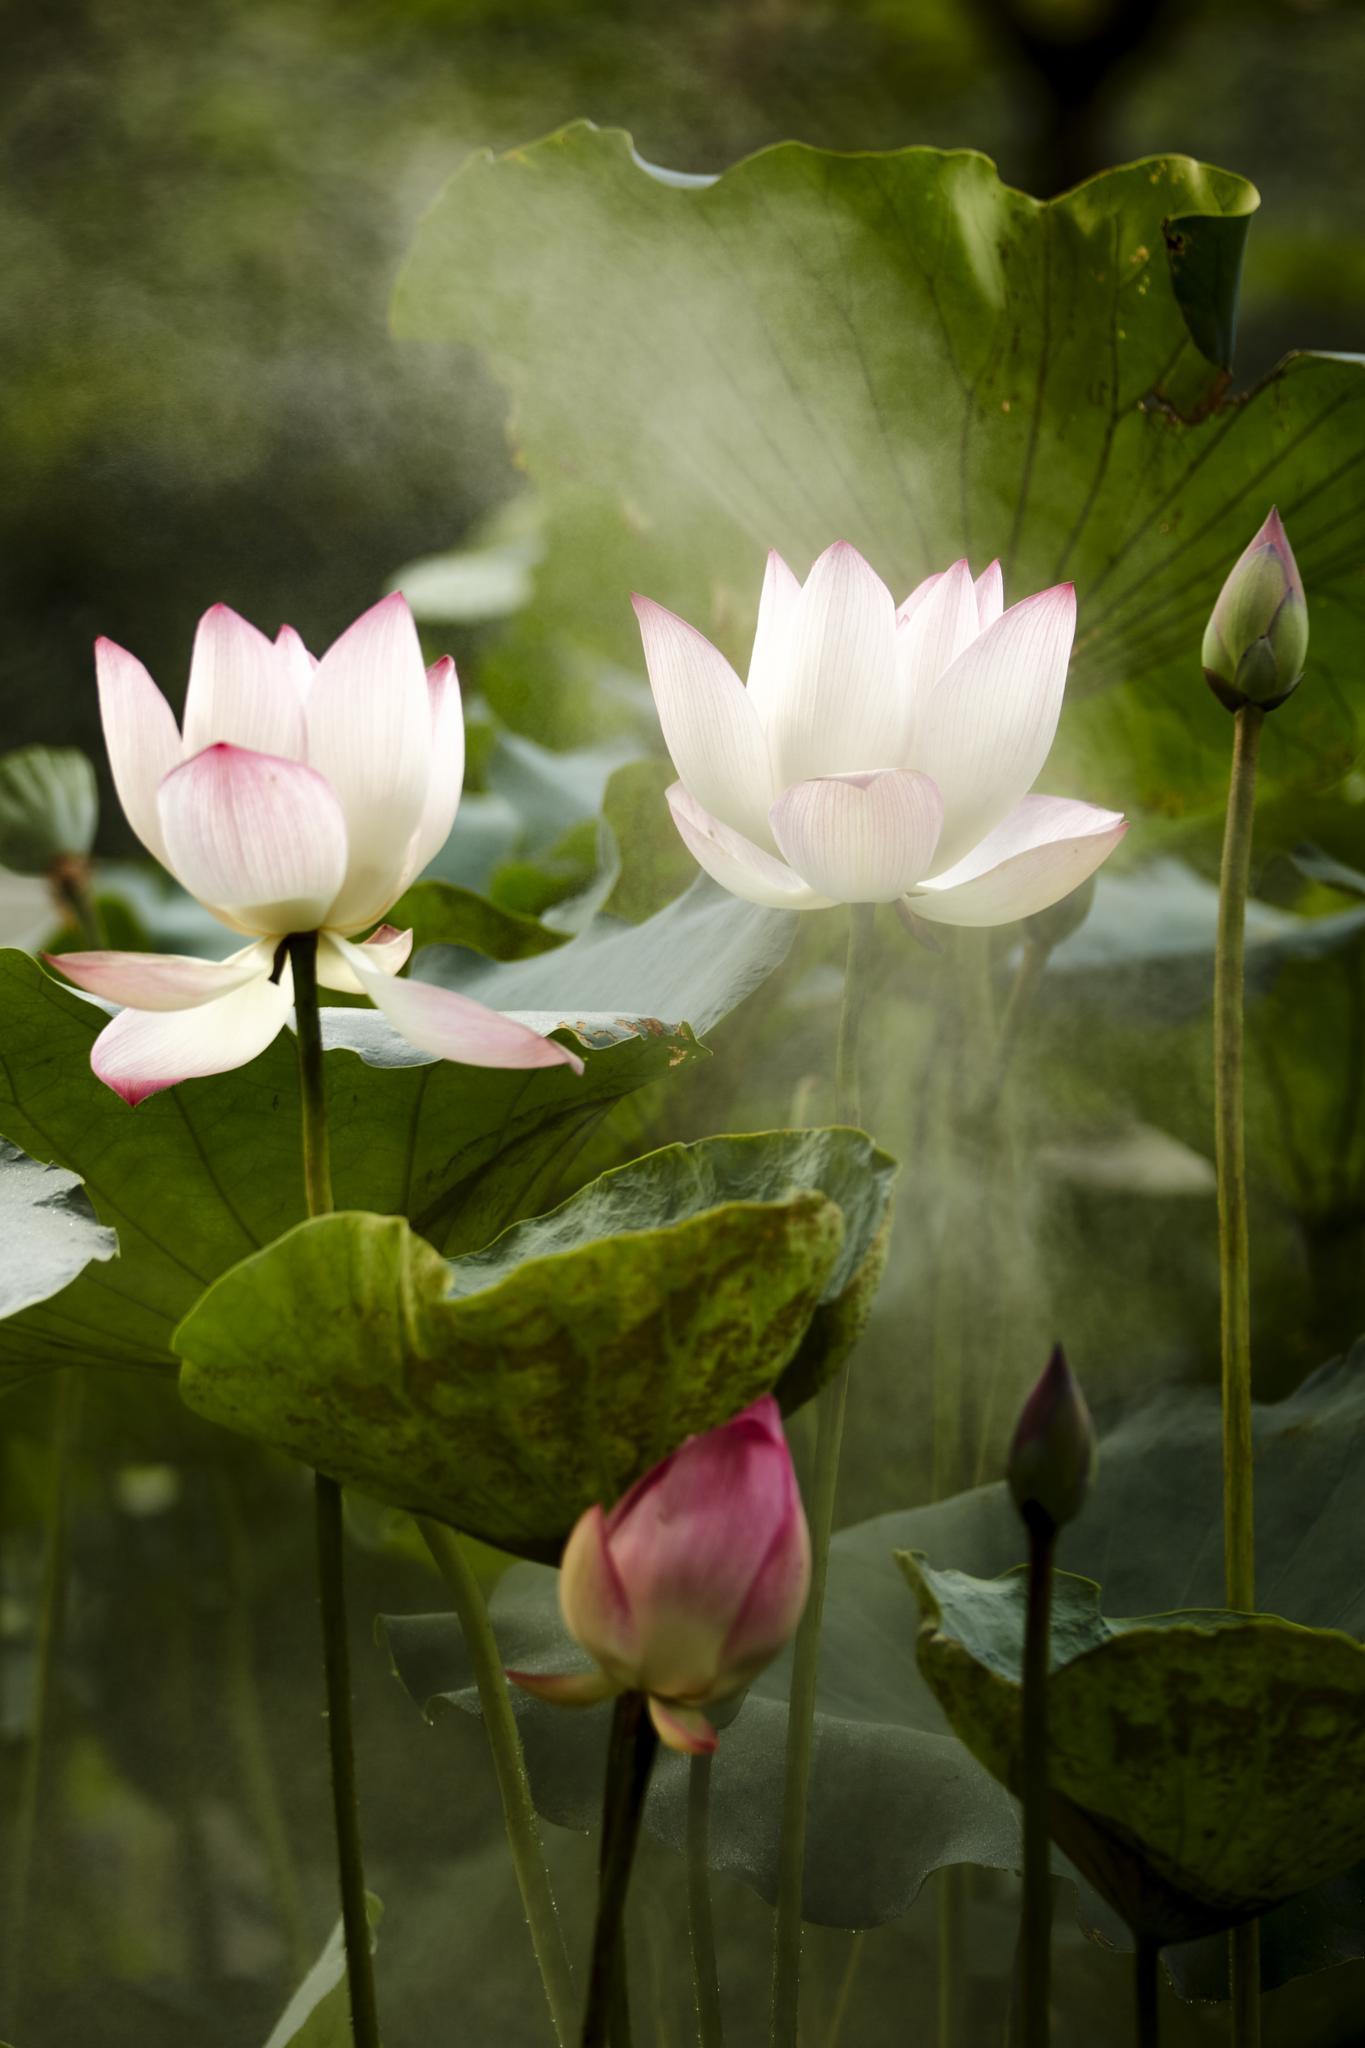 lotus in the rain 02 by PatrickLeeKKAh9